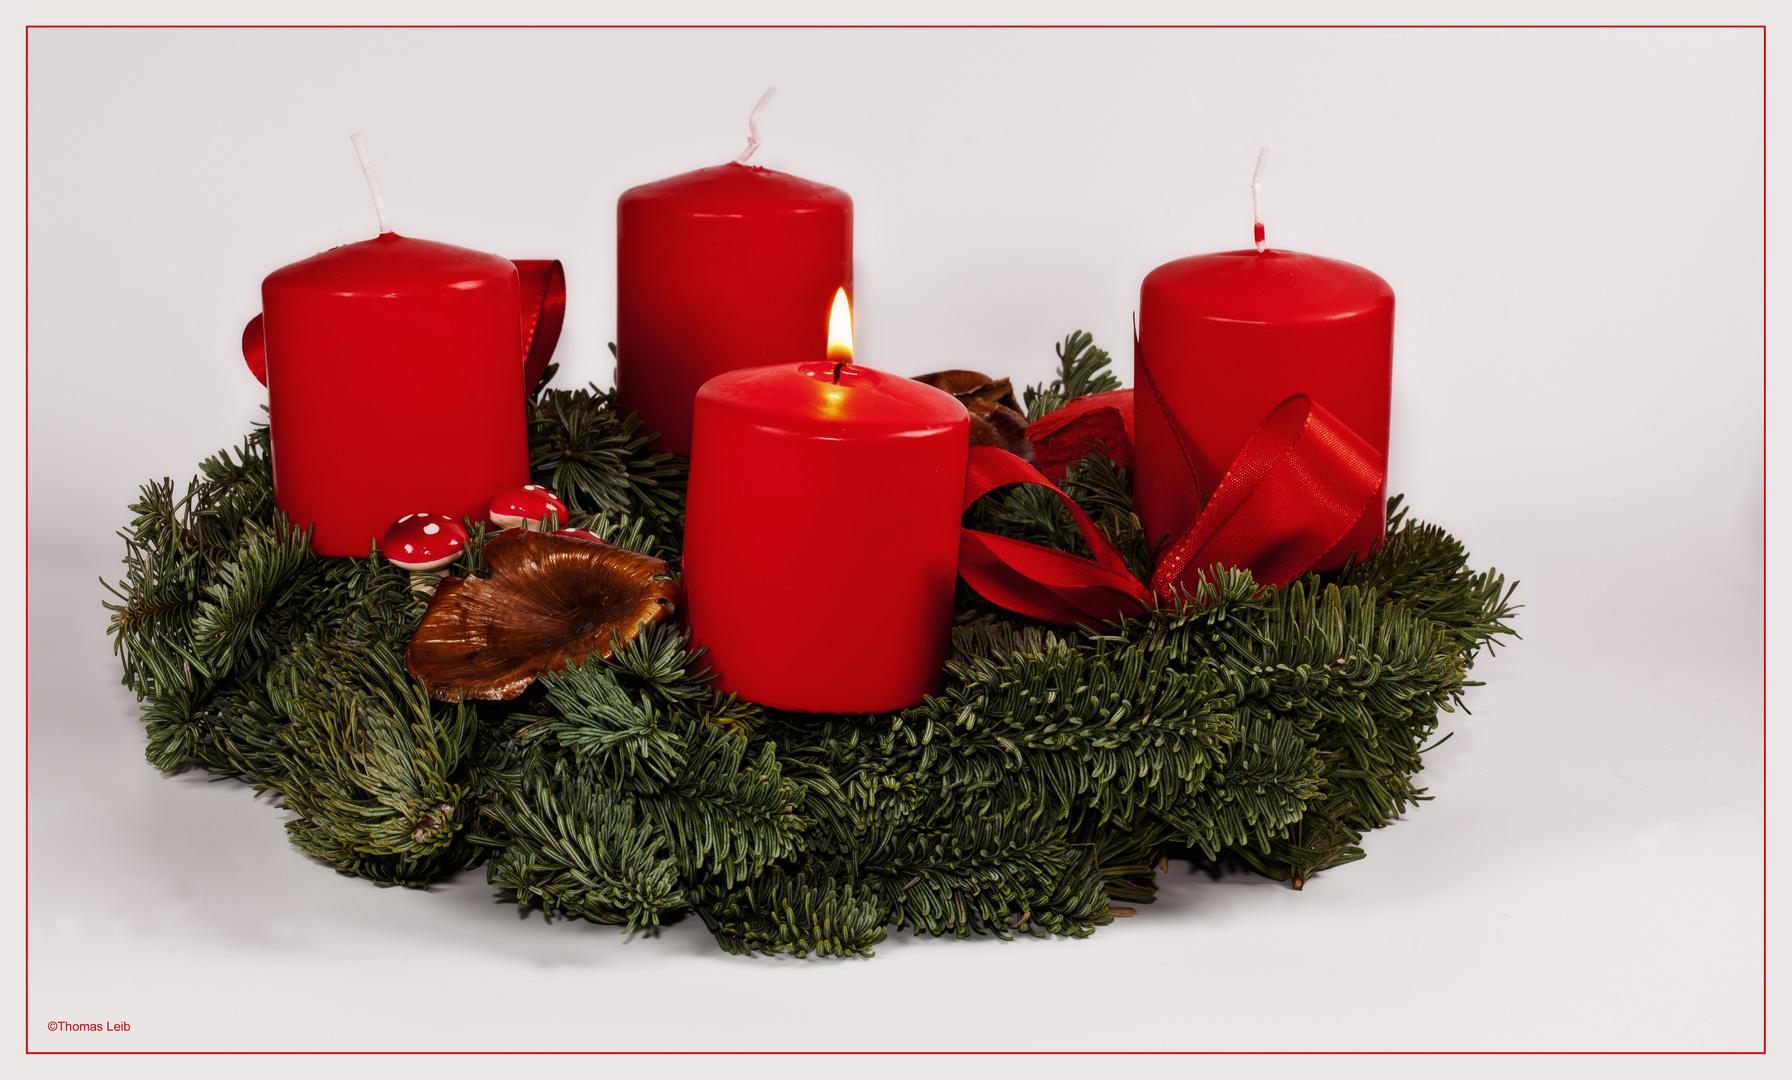 Ich wünsche euch allen eine besinnliche Adventszeit